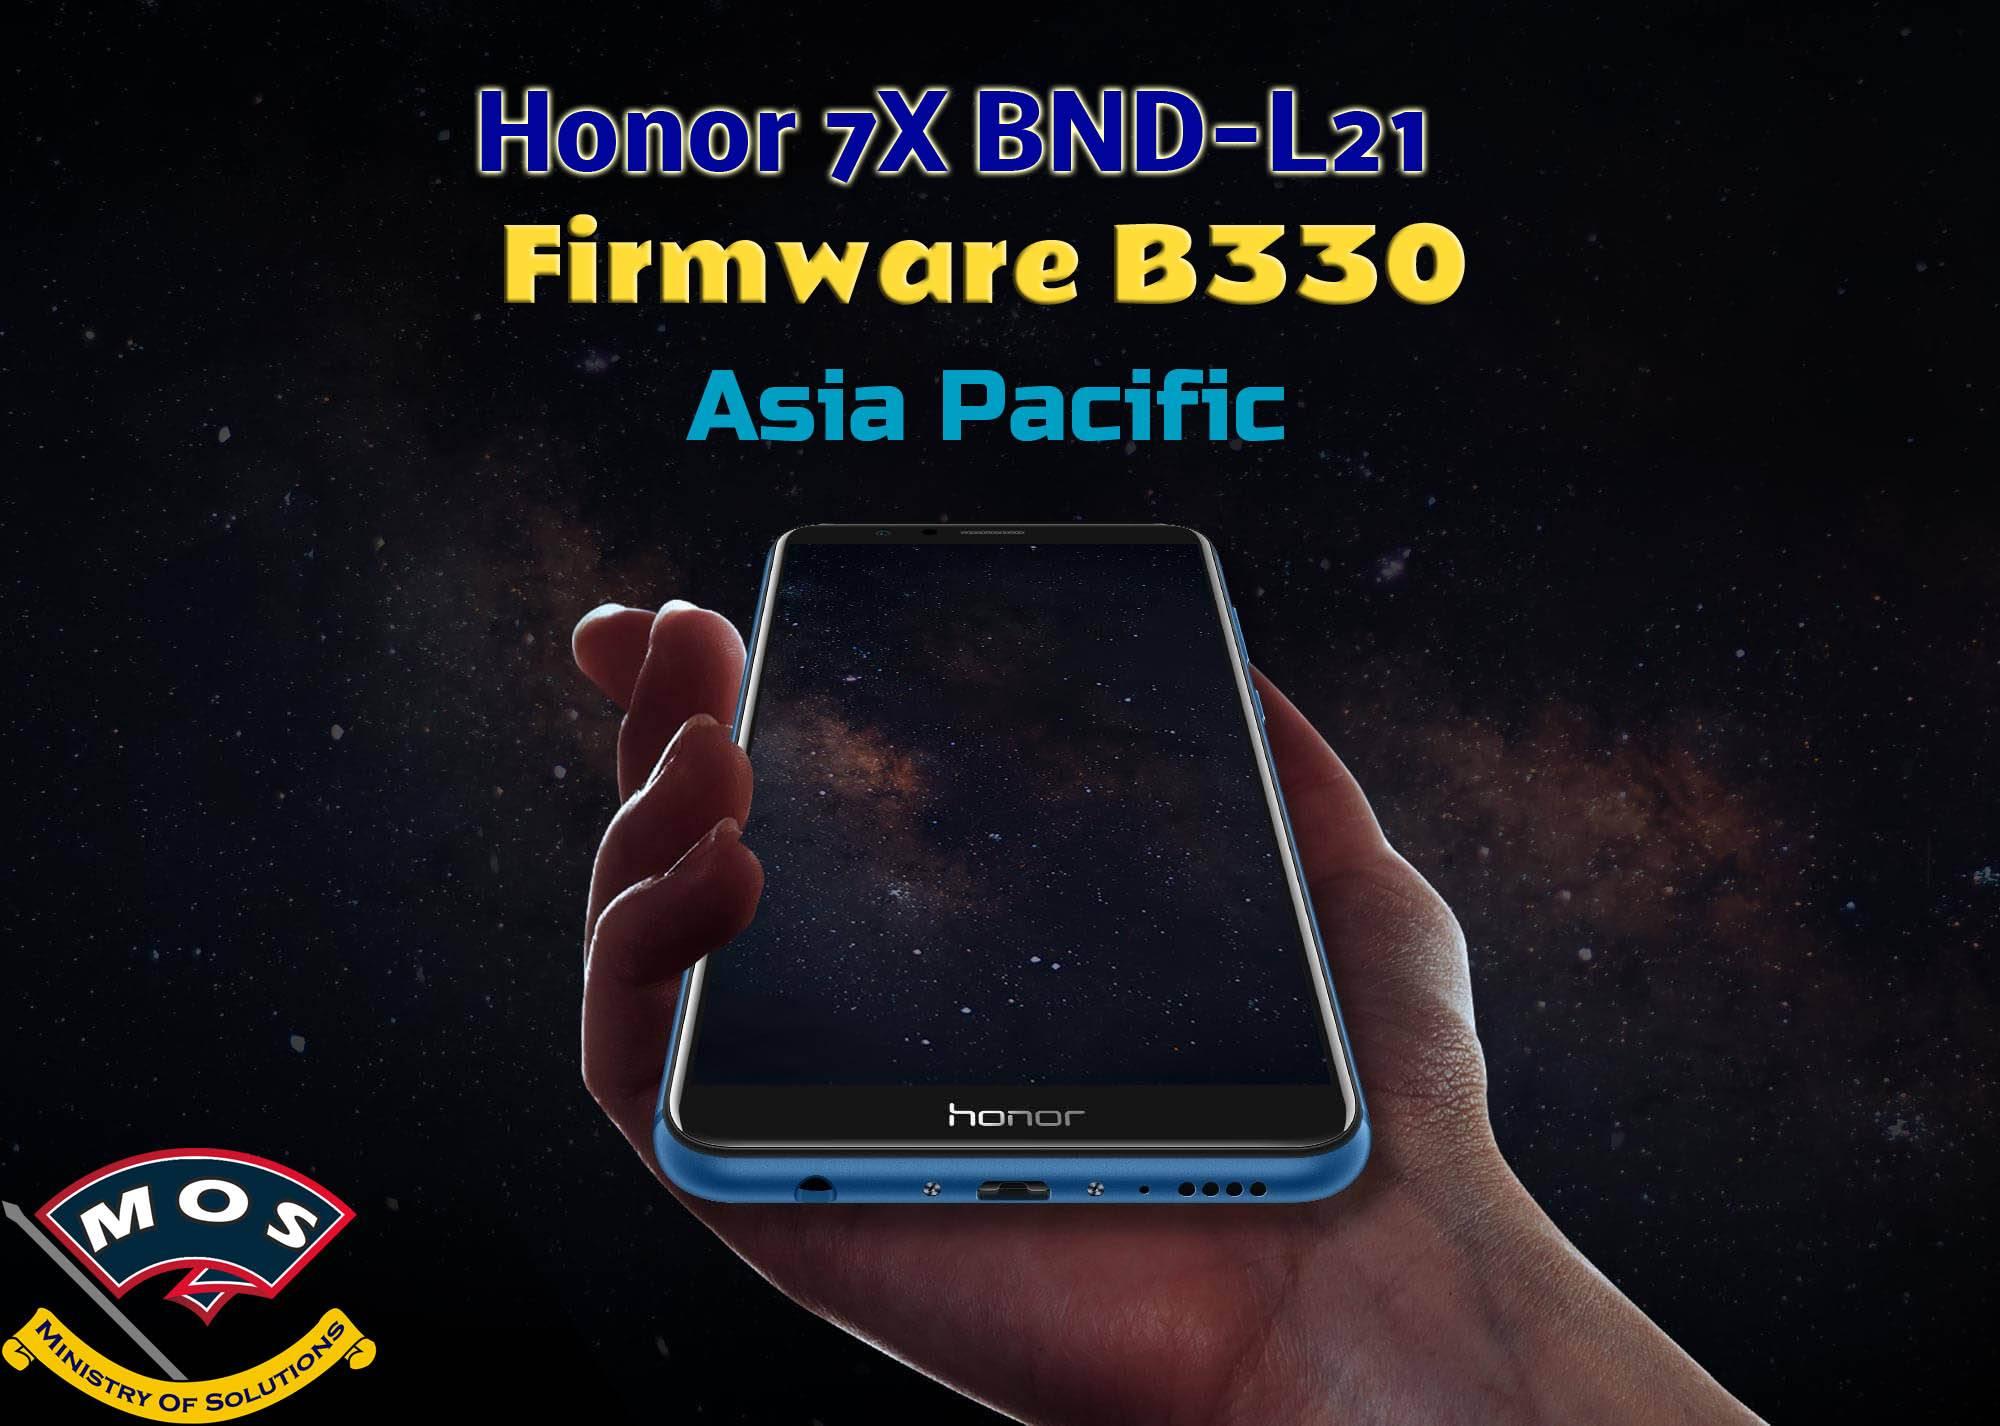 Honor 7X BND-L21 Oreo Stock Firmware B330 (Asia Pacific